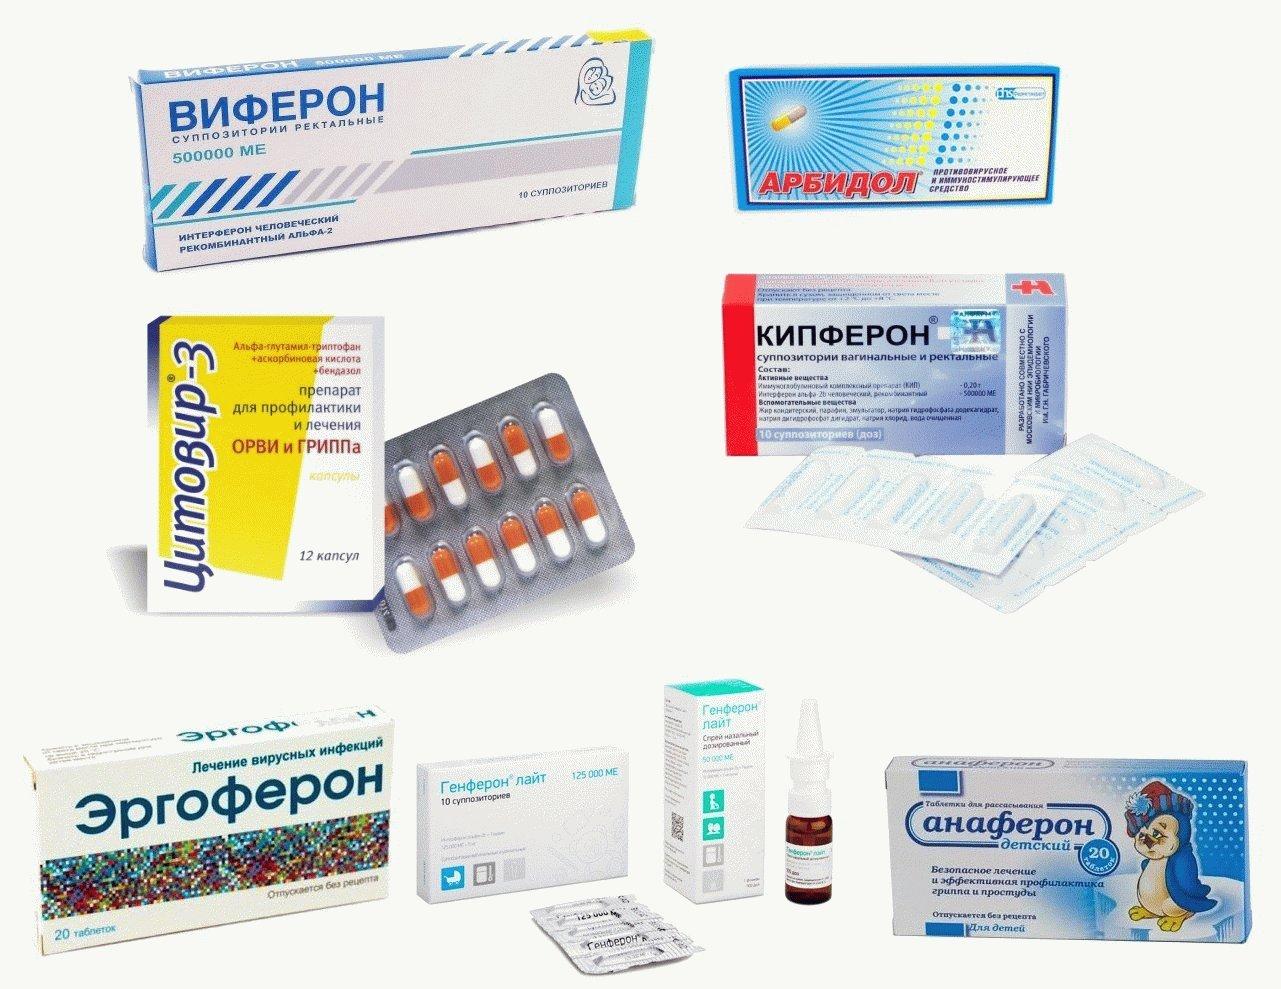 Иммуностимуляторы против короновируса: применение и профилактика, препараты